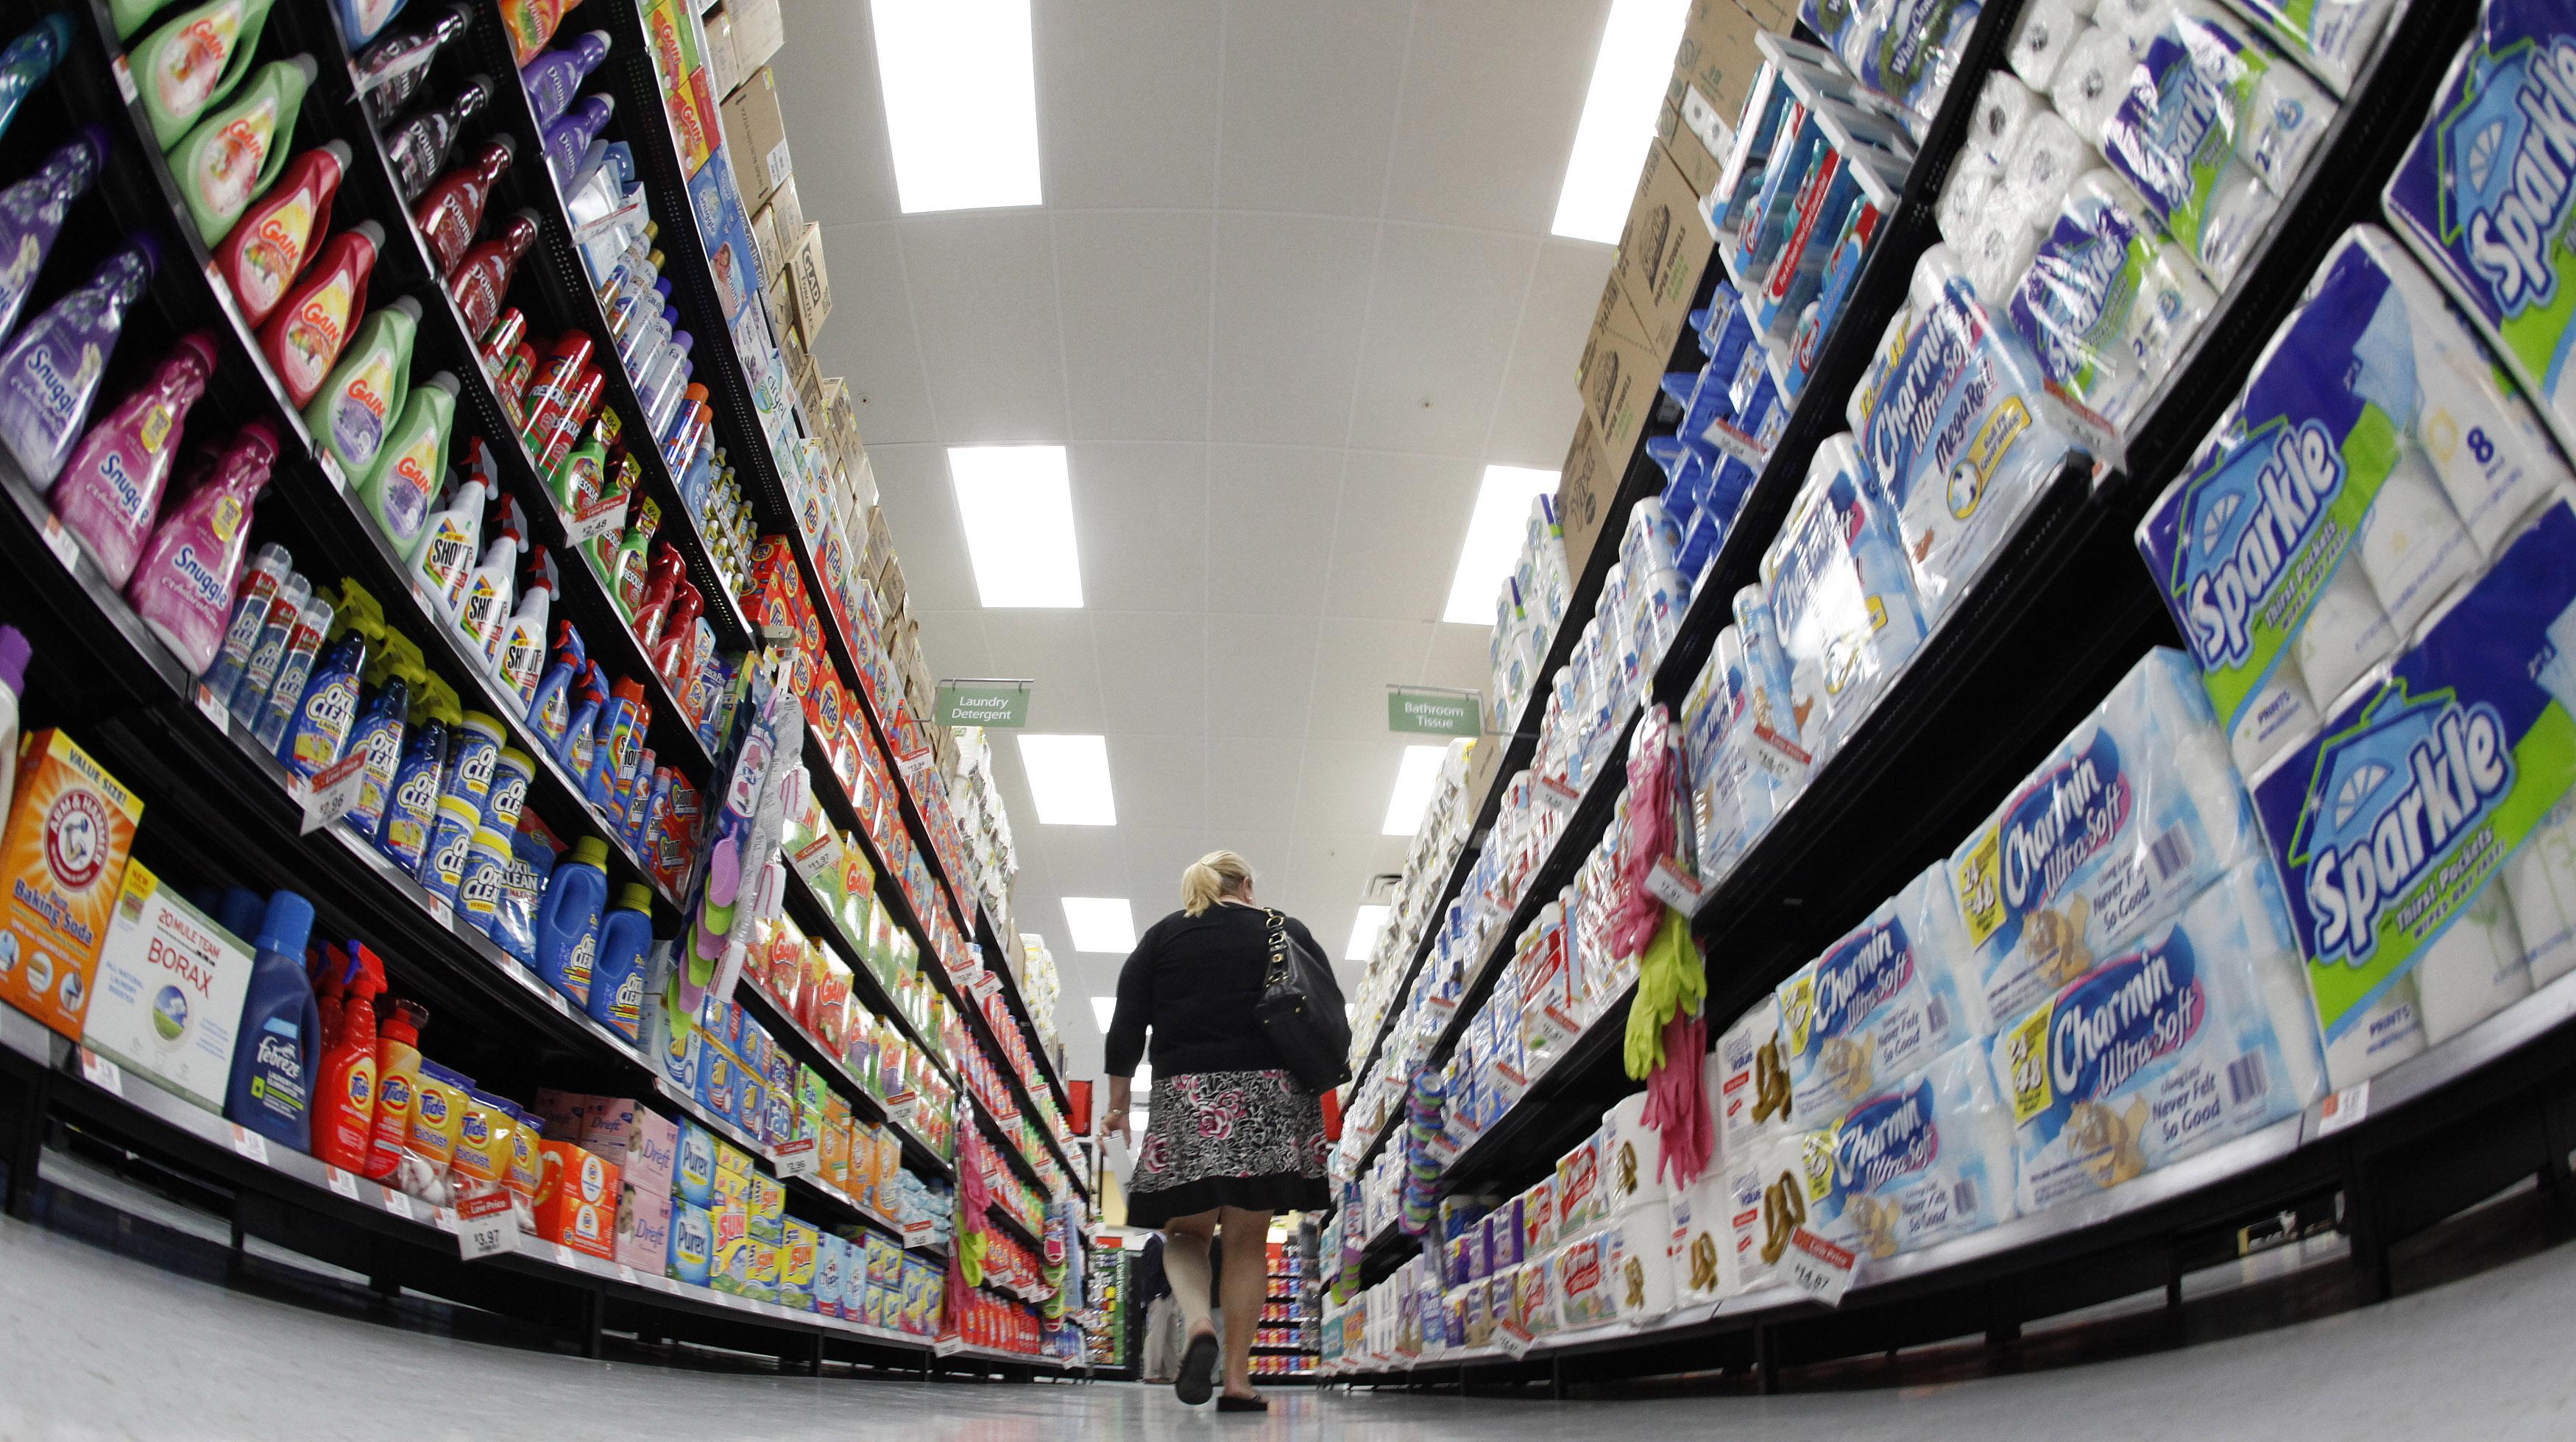 美国生产物价连续两个月上升